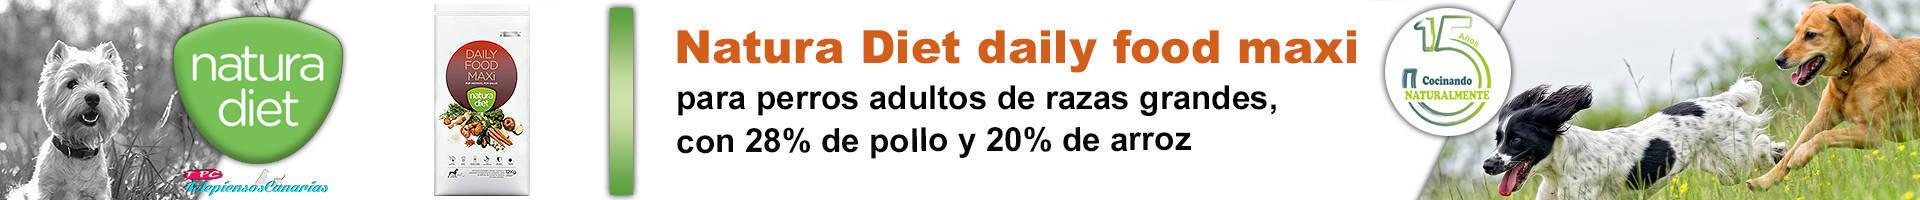 Natura diet daily food maxi para perros de todas las razas